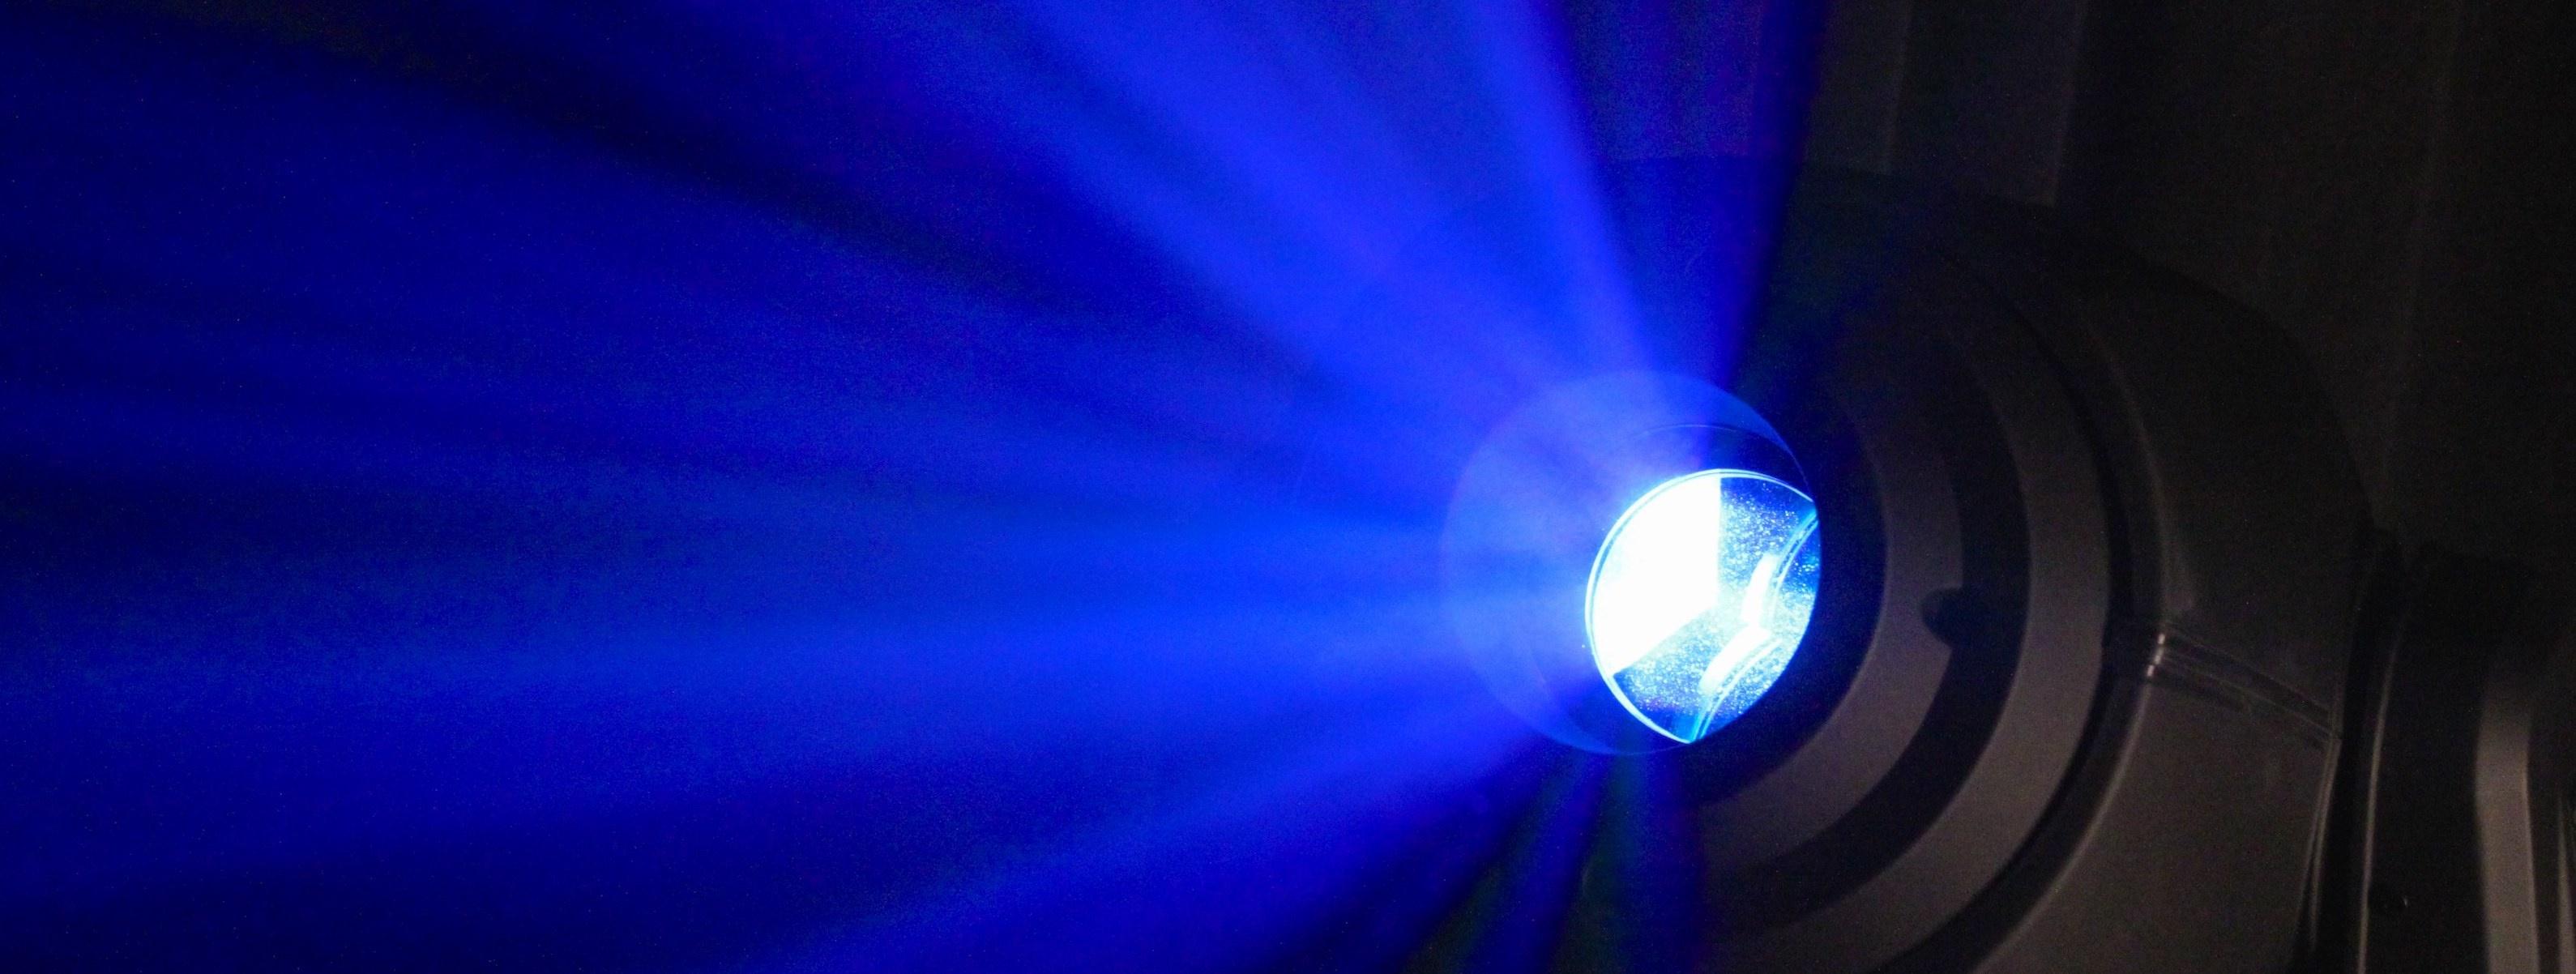 St. Louis Lighting Rental